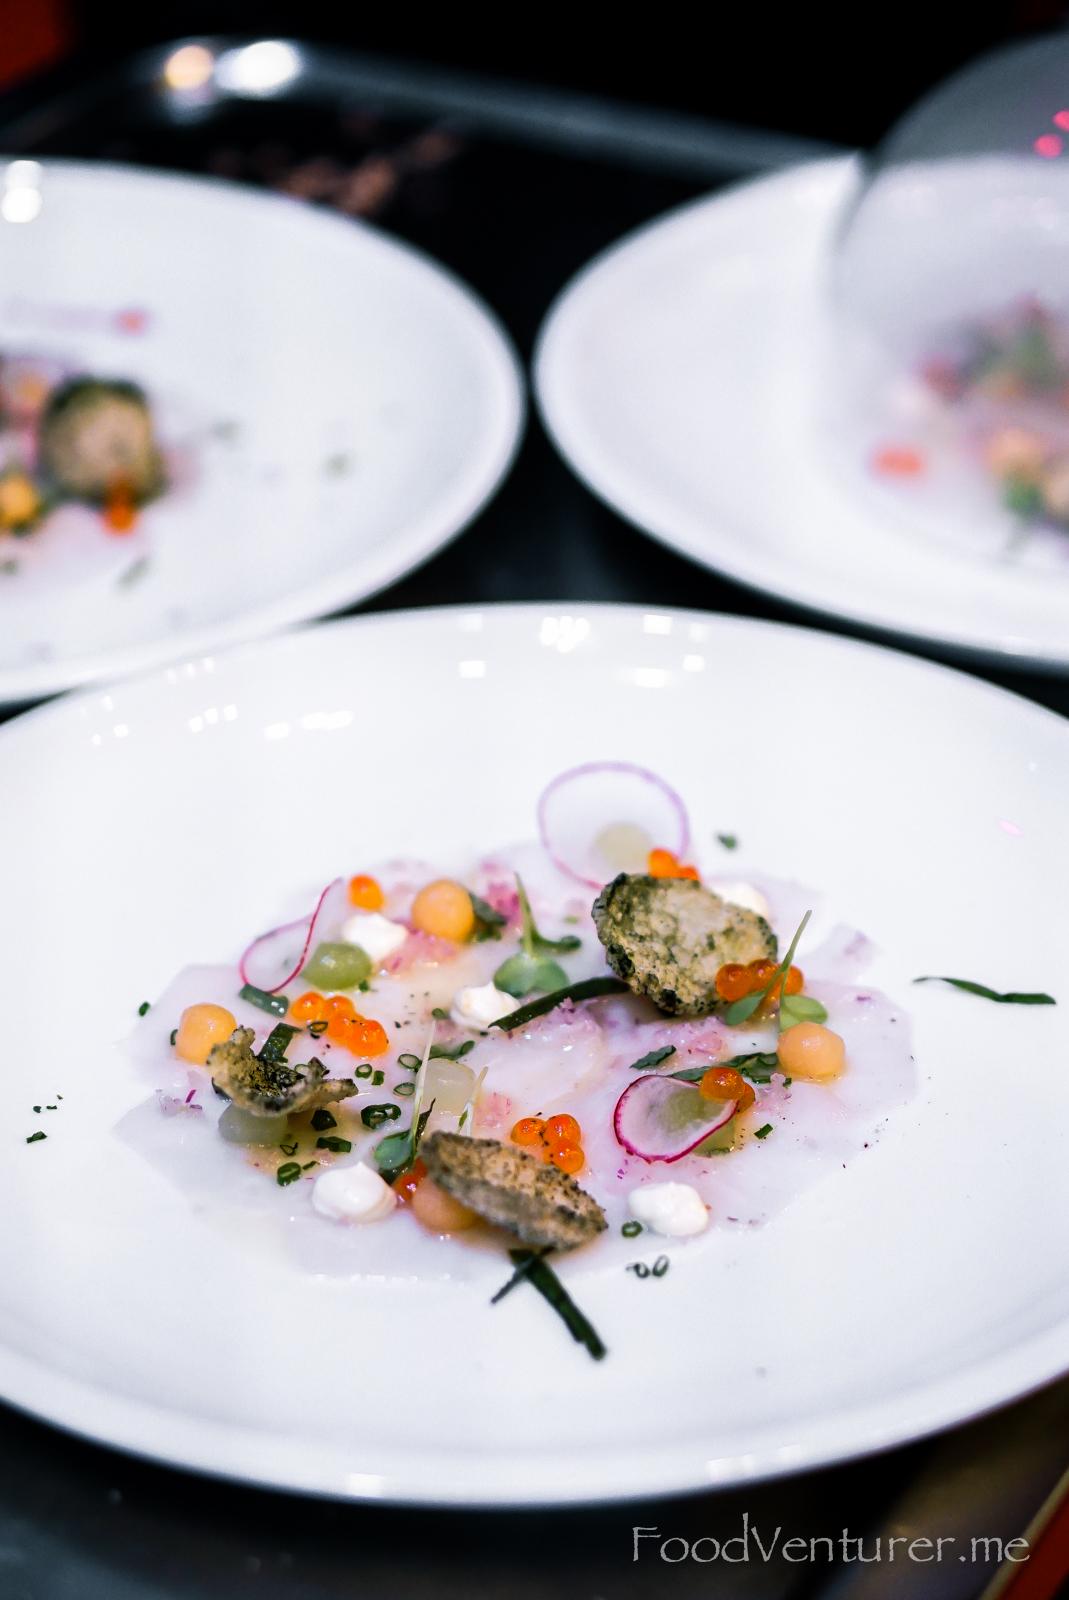 Smoked Gindara Carpaccio - Chef Chris Salans